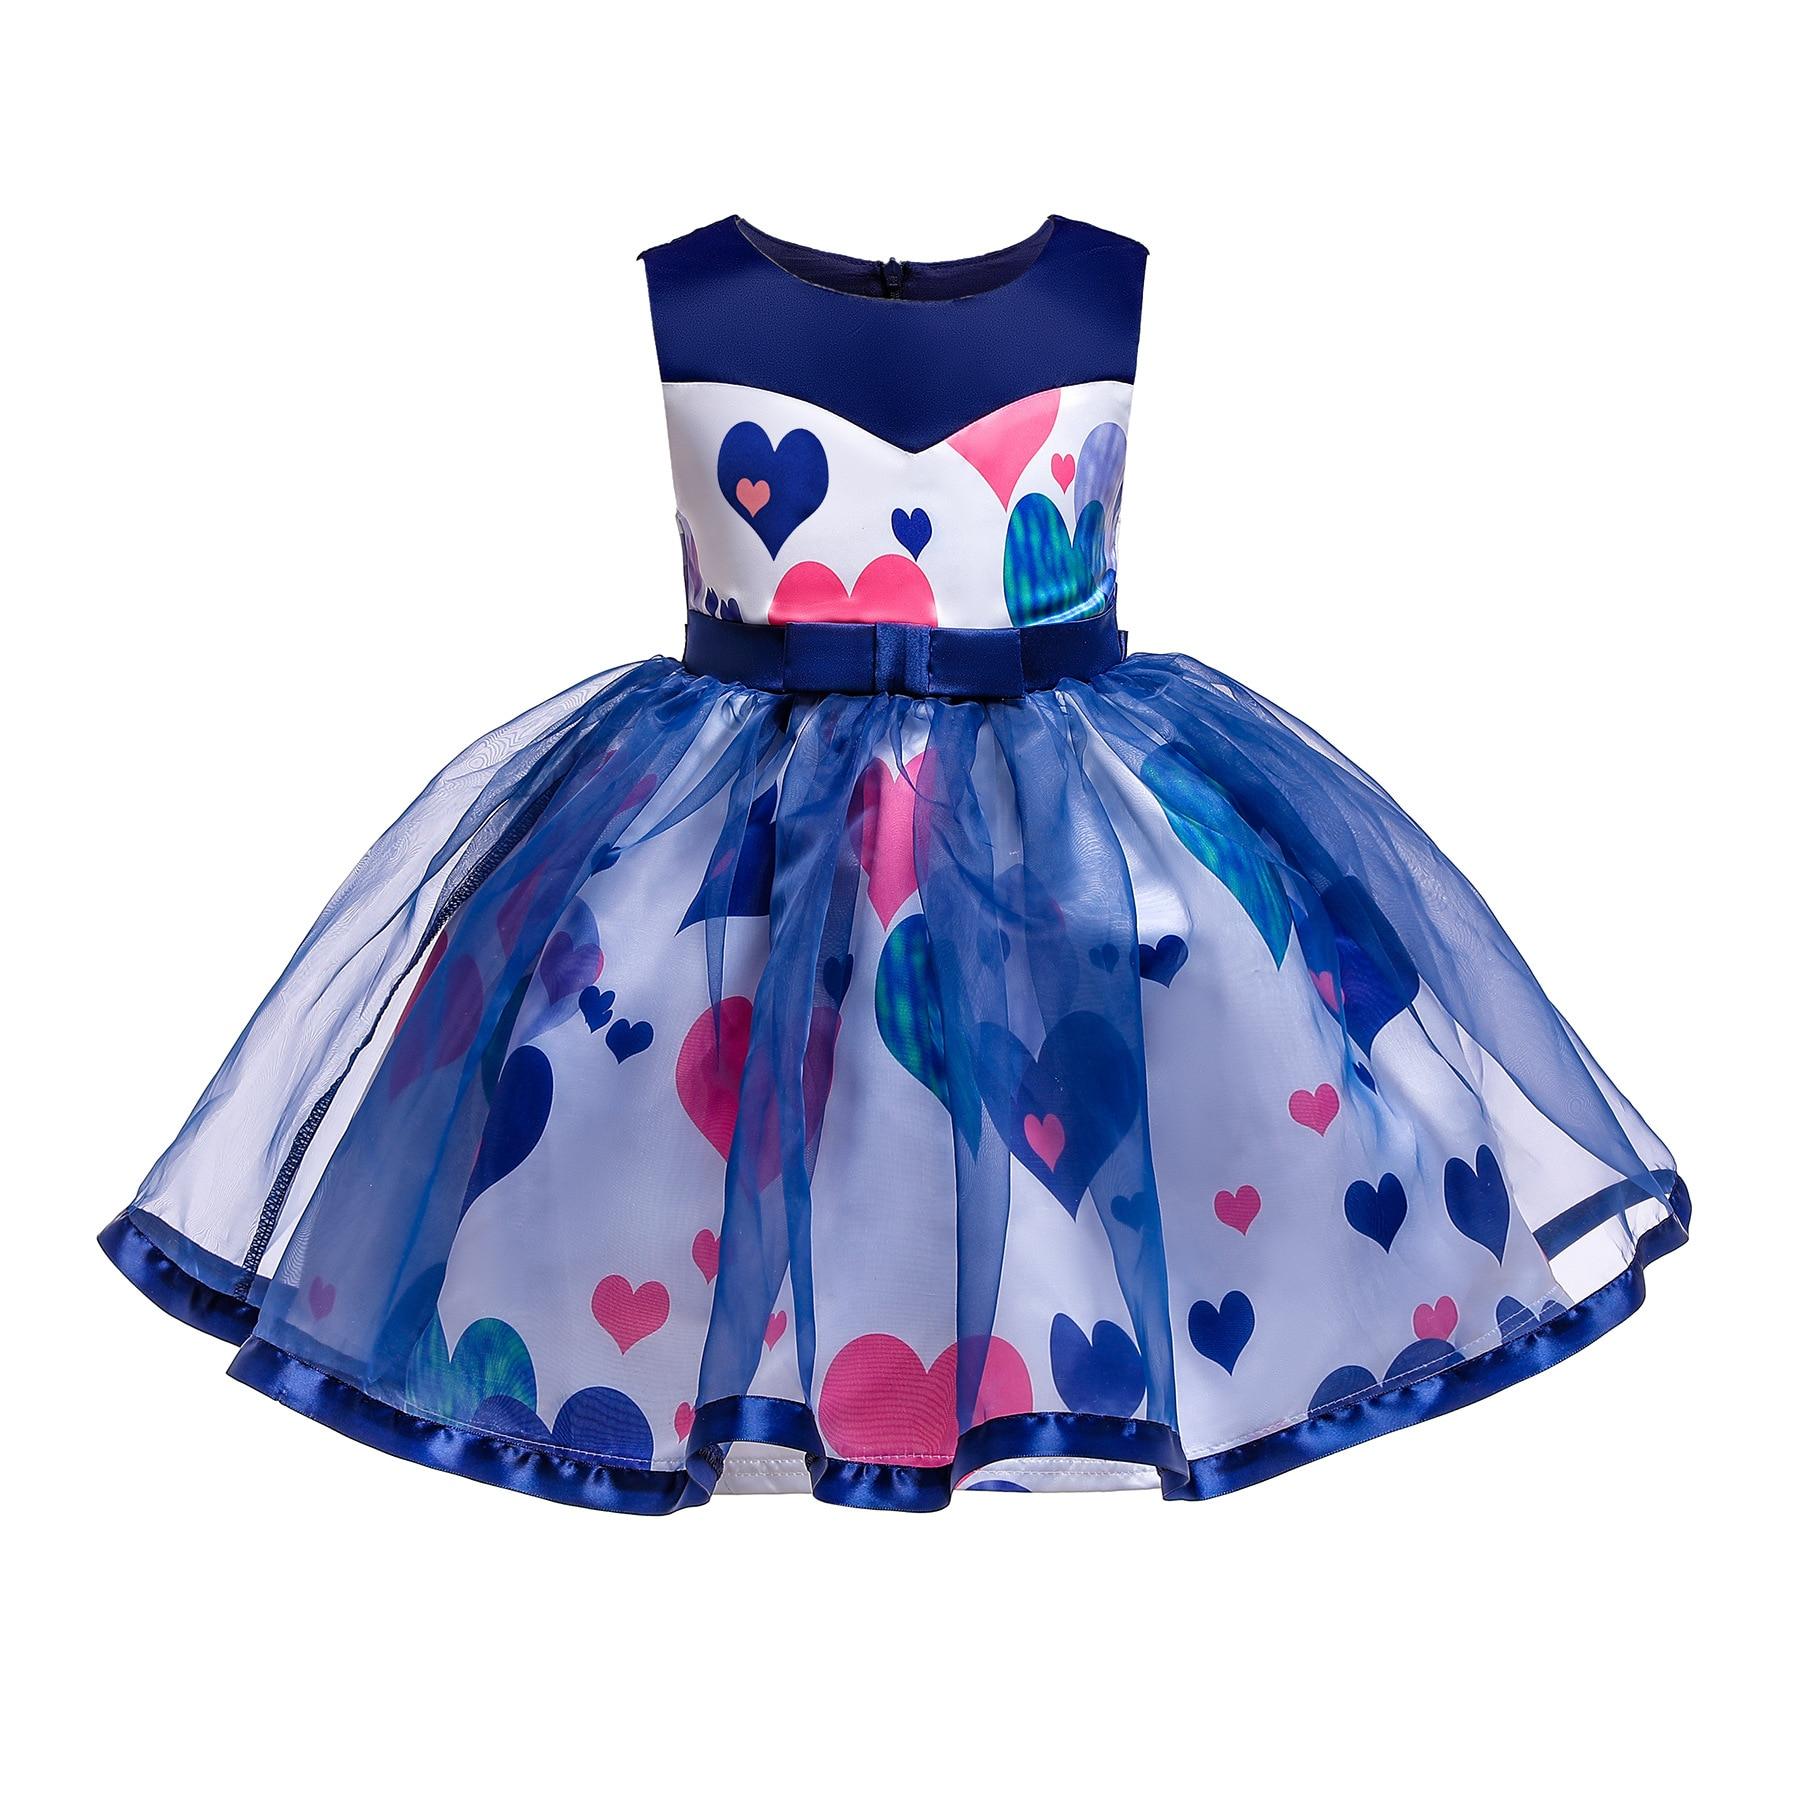 New Style Printed CHILDREN'S Skirt Heart Shape Printed Girls Dress CHILDREN'S Full Dress Tutu Princess Skirt